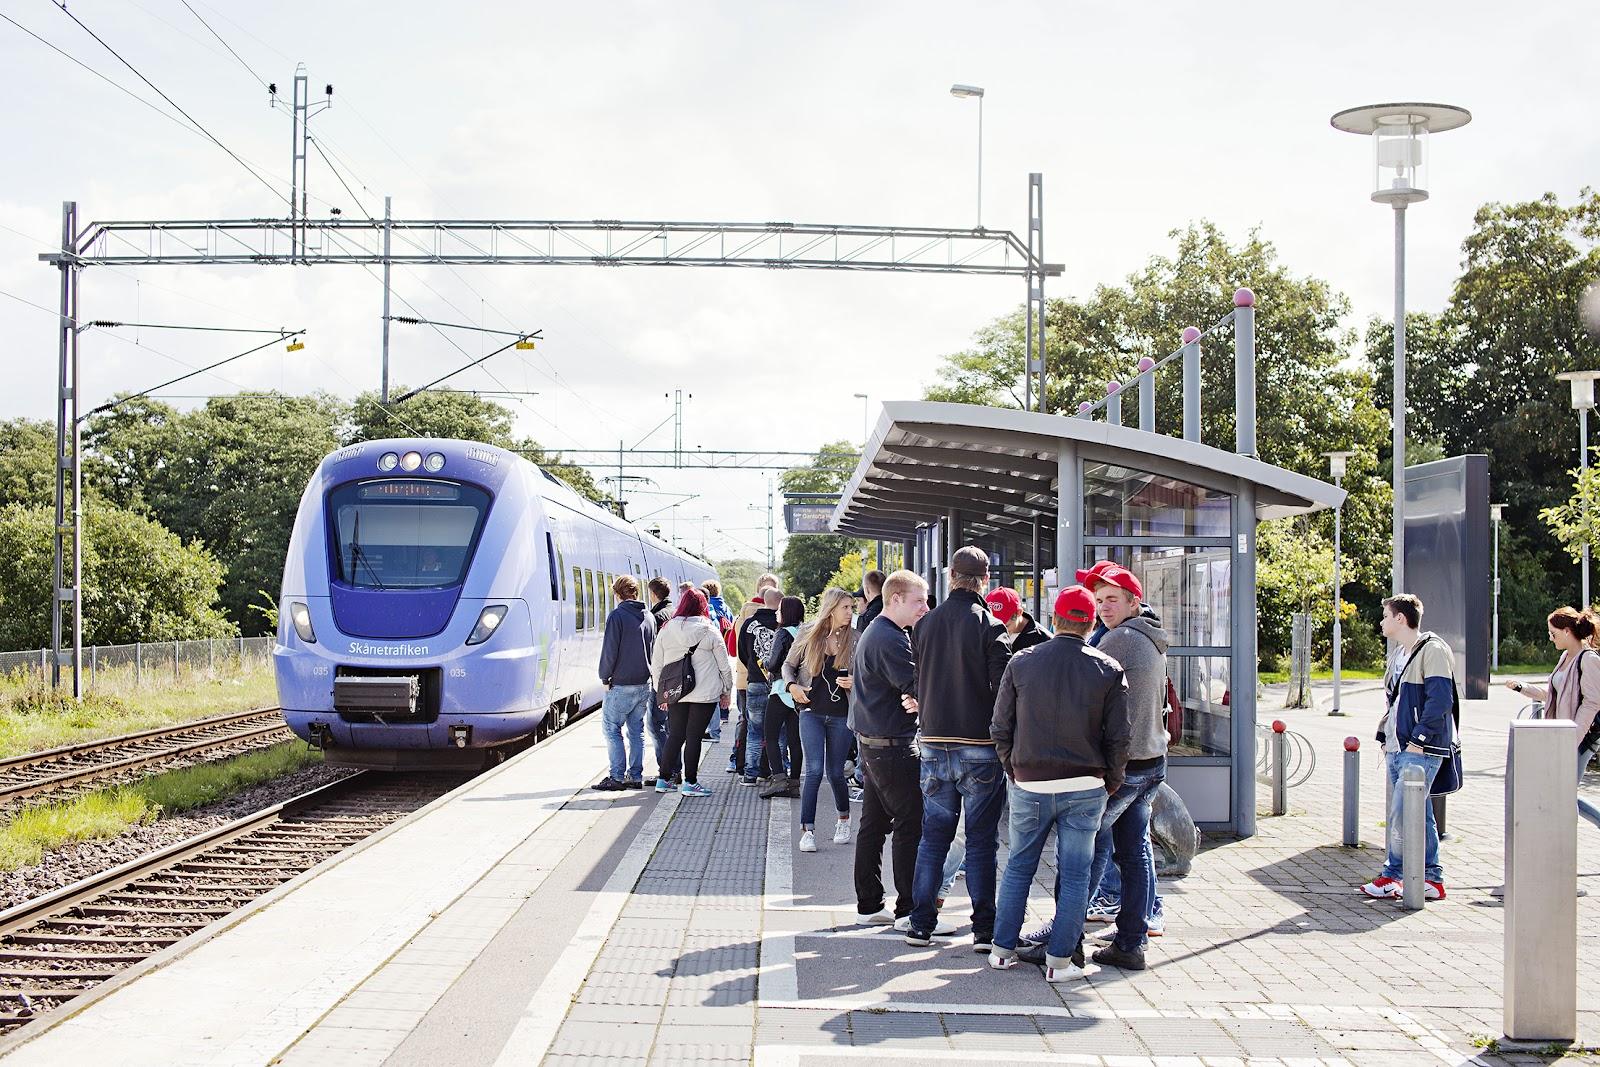 Tåg Människor vid tåg.jpg